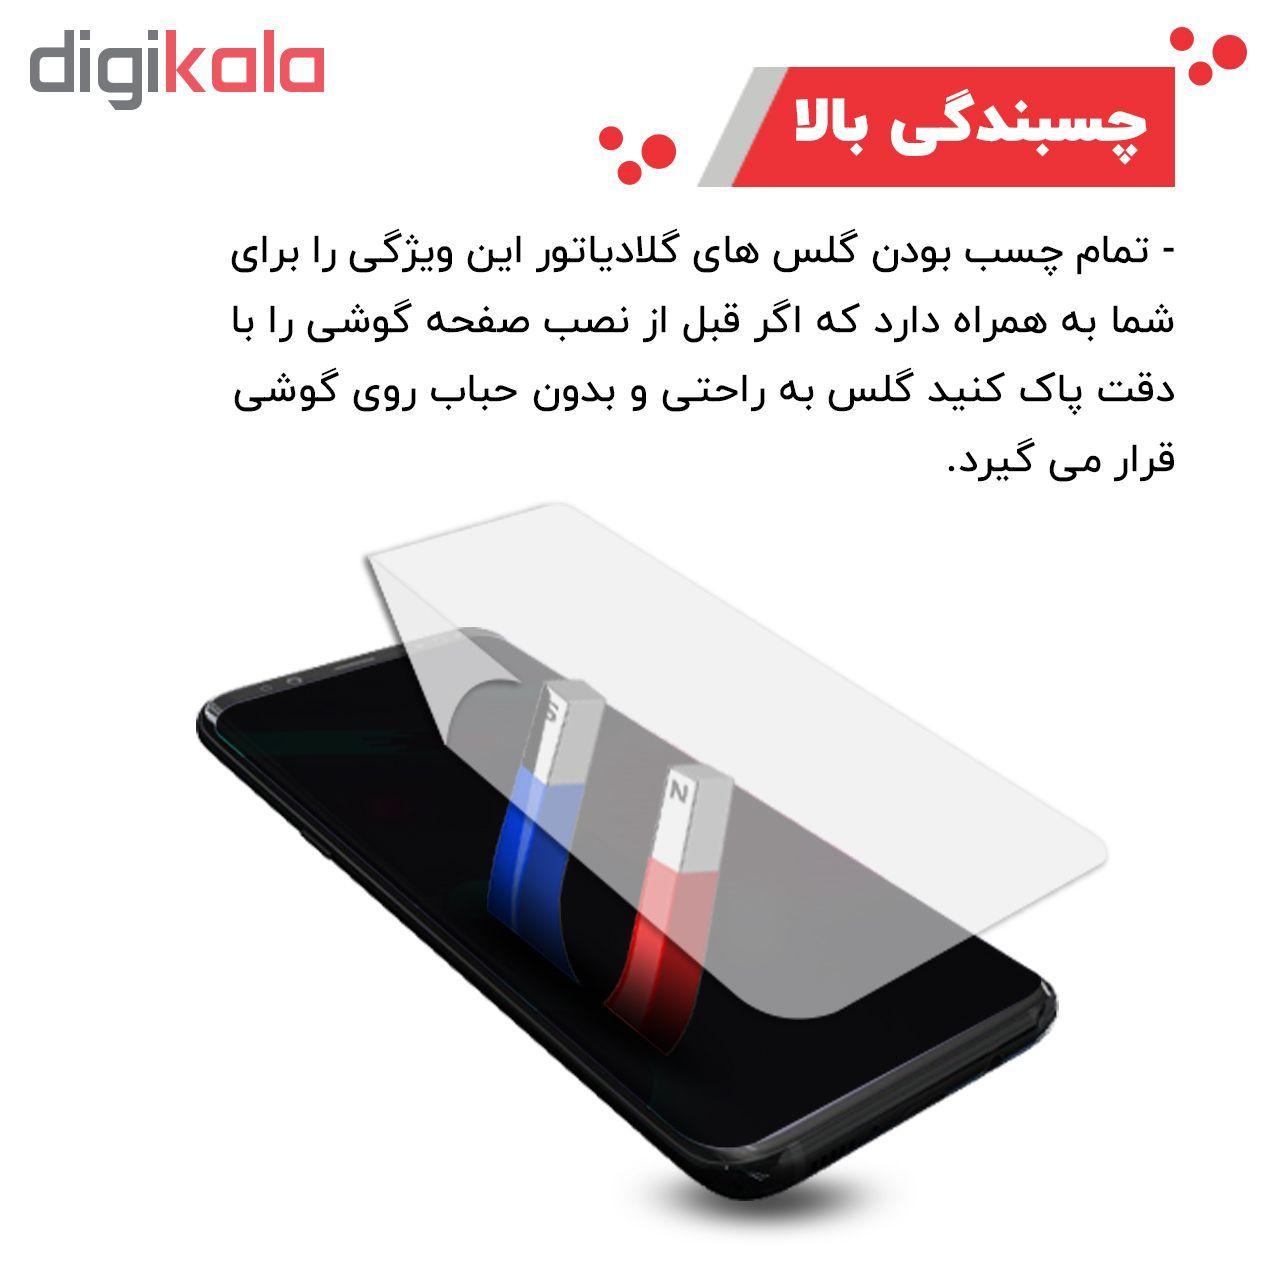 محافظ صفحه نمایش گلادیاتور مدل GPH1000 مناسب برای گوشی موبایل هوآوی P Smart 2019 main 1 4